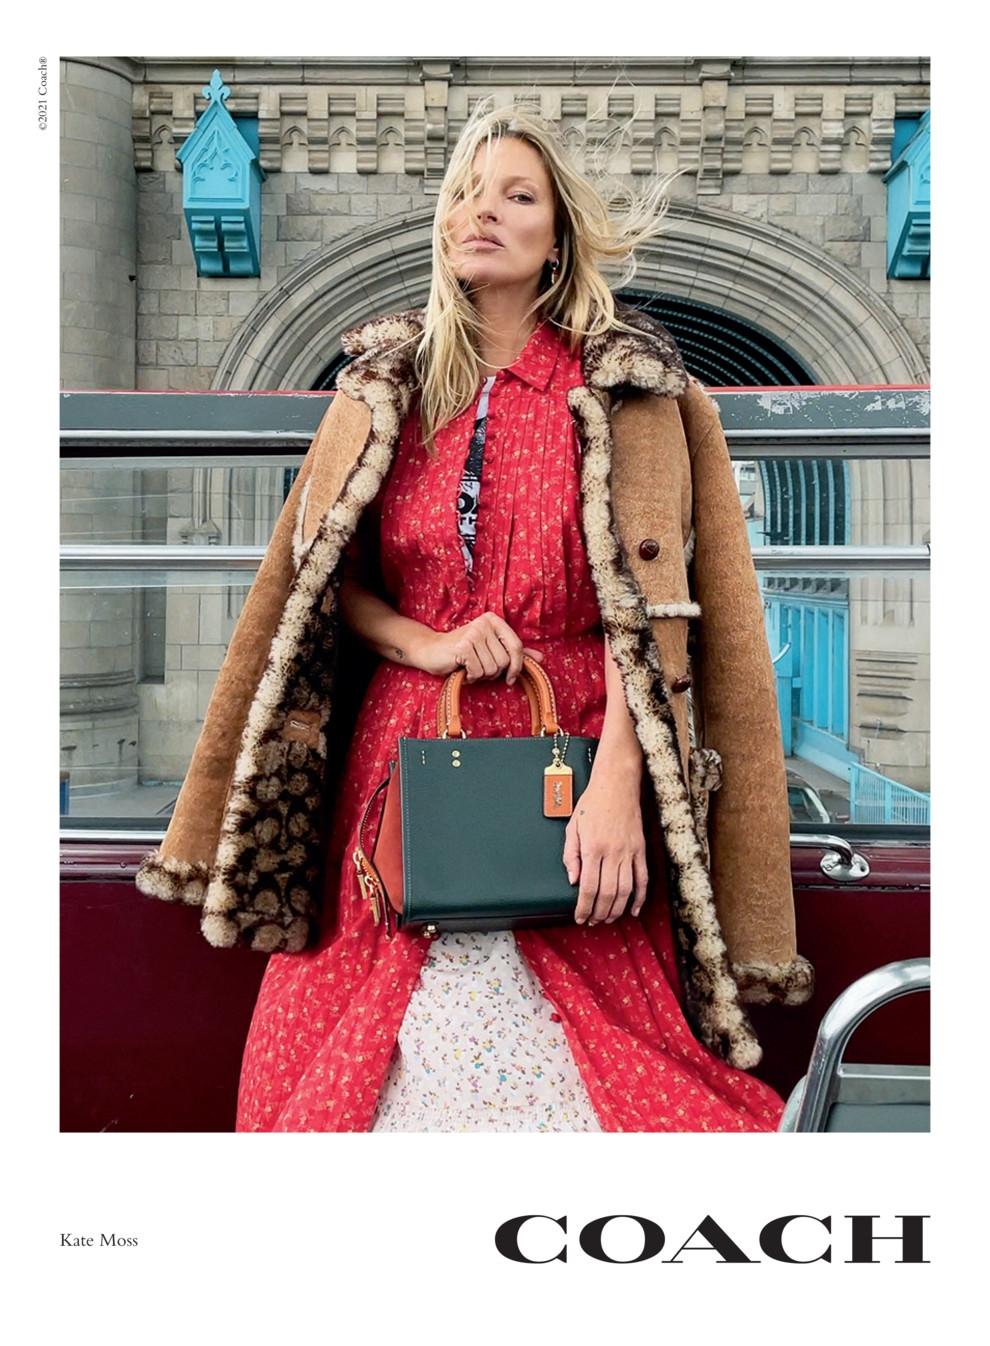 Дженнифер Лопес и Кейт Мосс появились в новой рекламной кампании Coach - фото №2